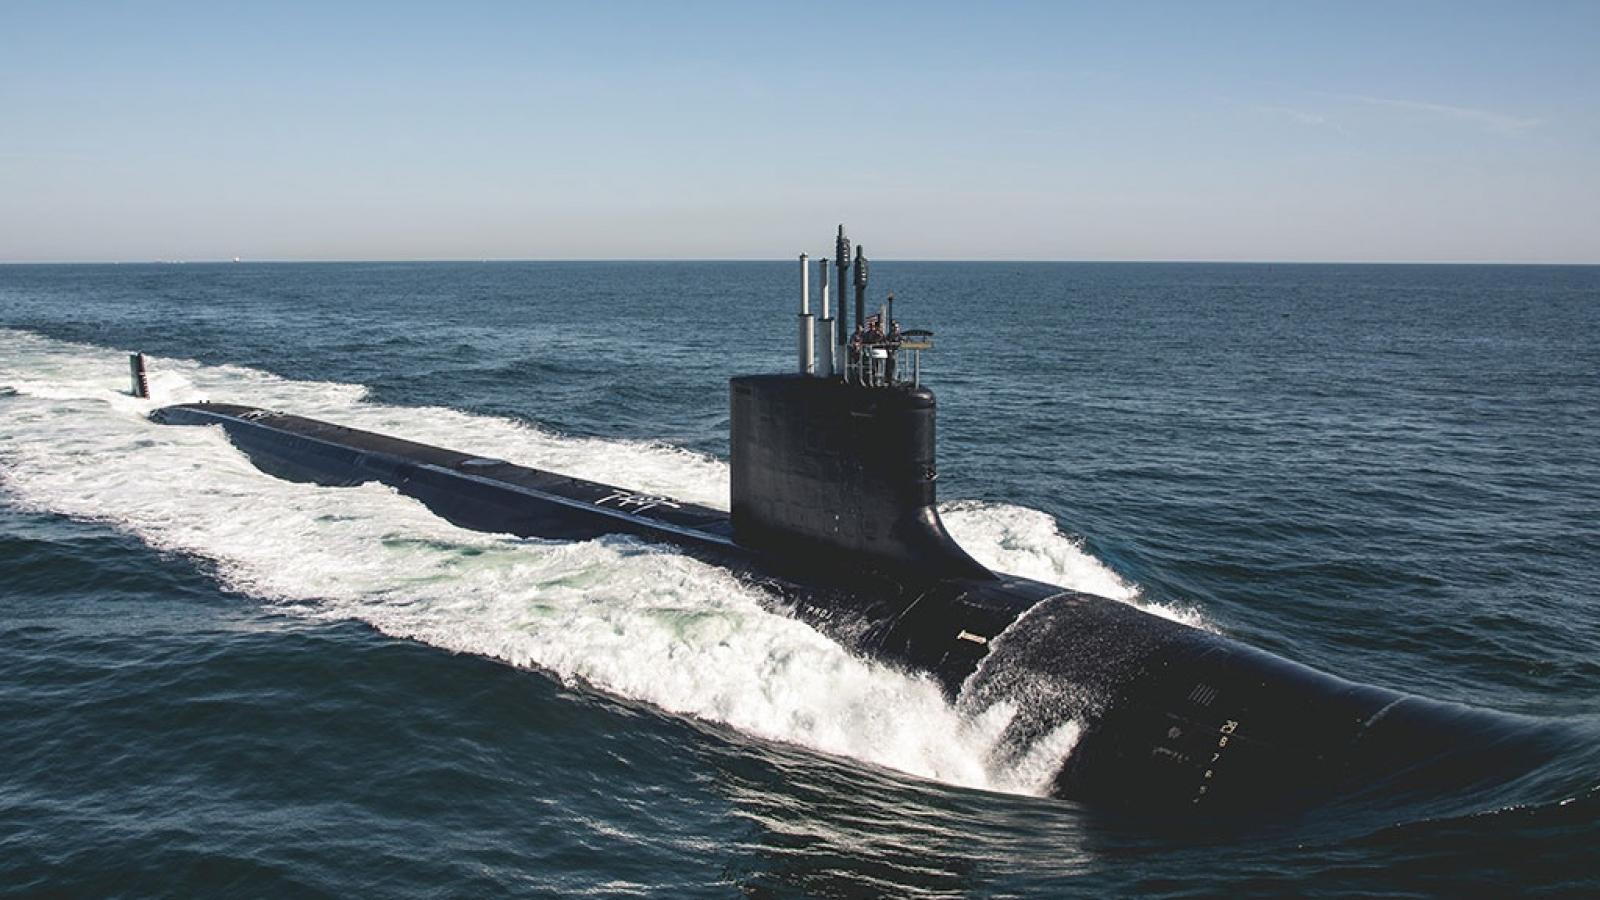 Liên minh AUKUS làm nóng cuộc đua tàu ngầm giữa Mỹ và Trung Quốc